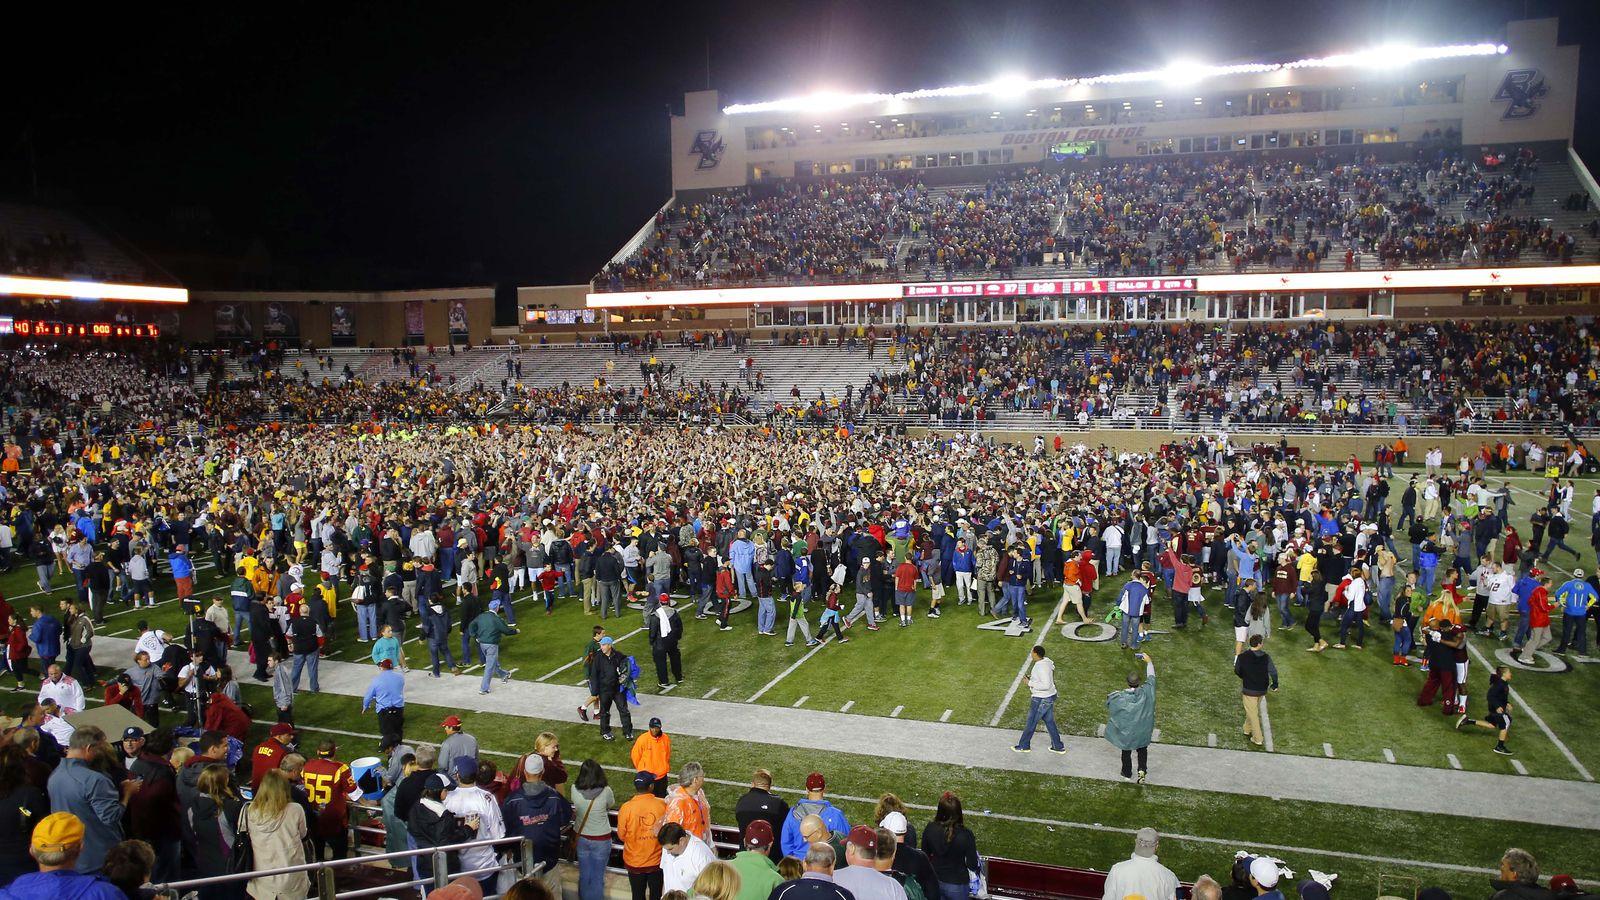 Boston College Football: Everyone Has More Non-Alumni Fans ...